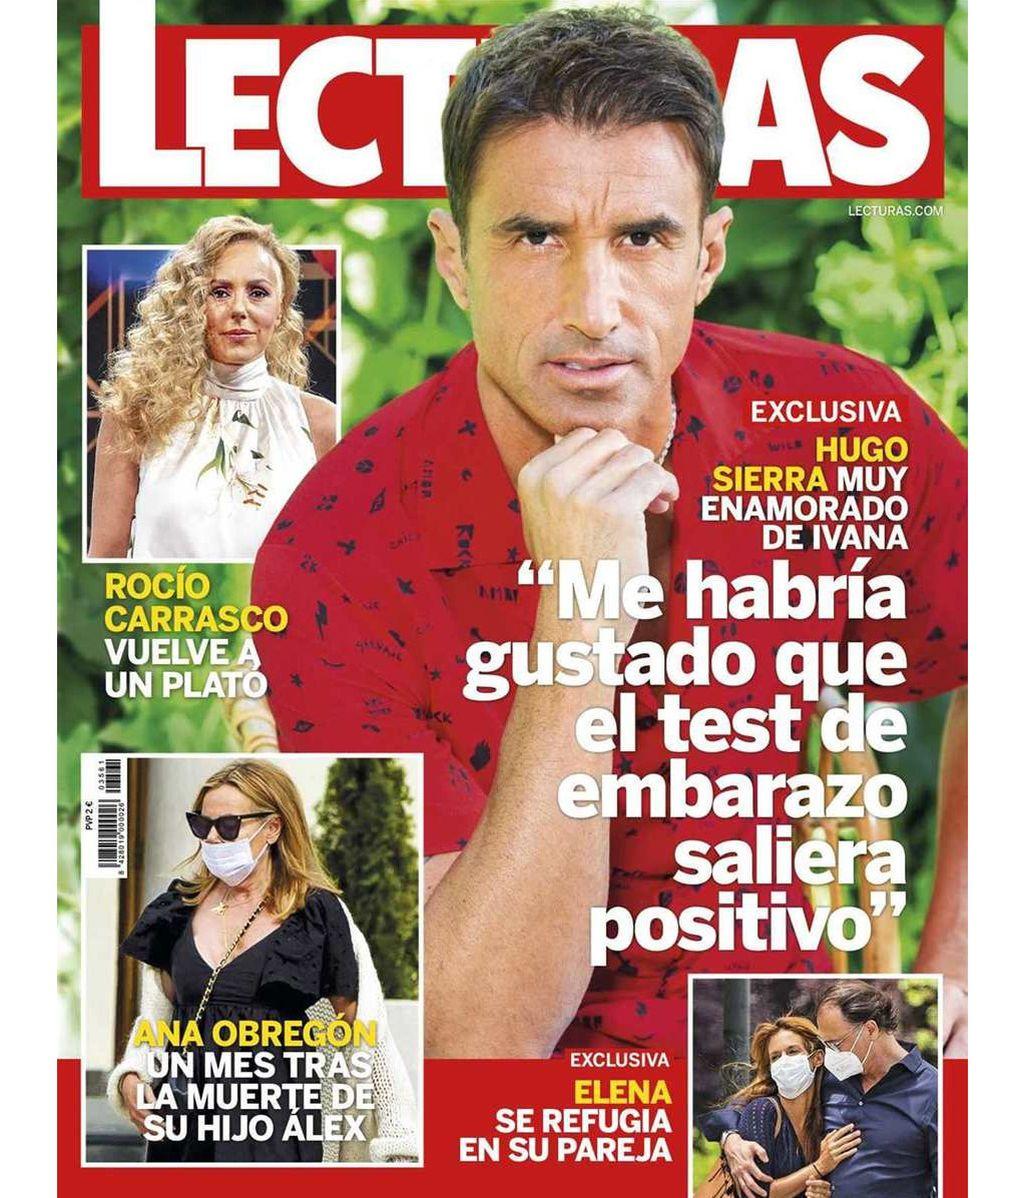 La portada de la revista 'Lecturas'